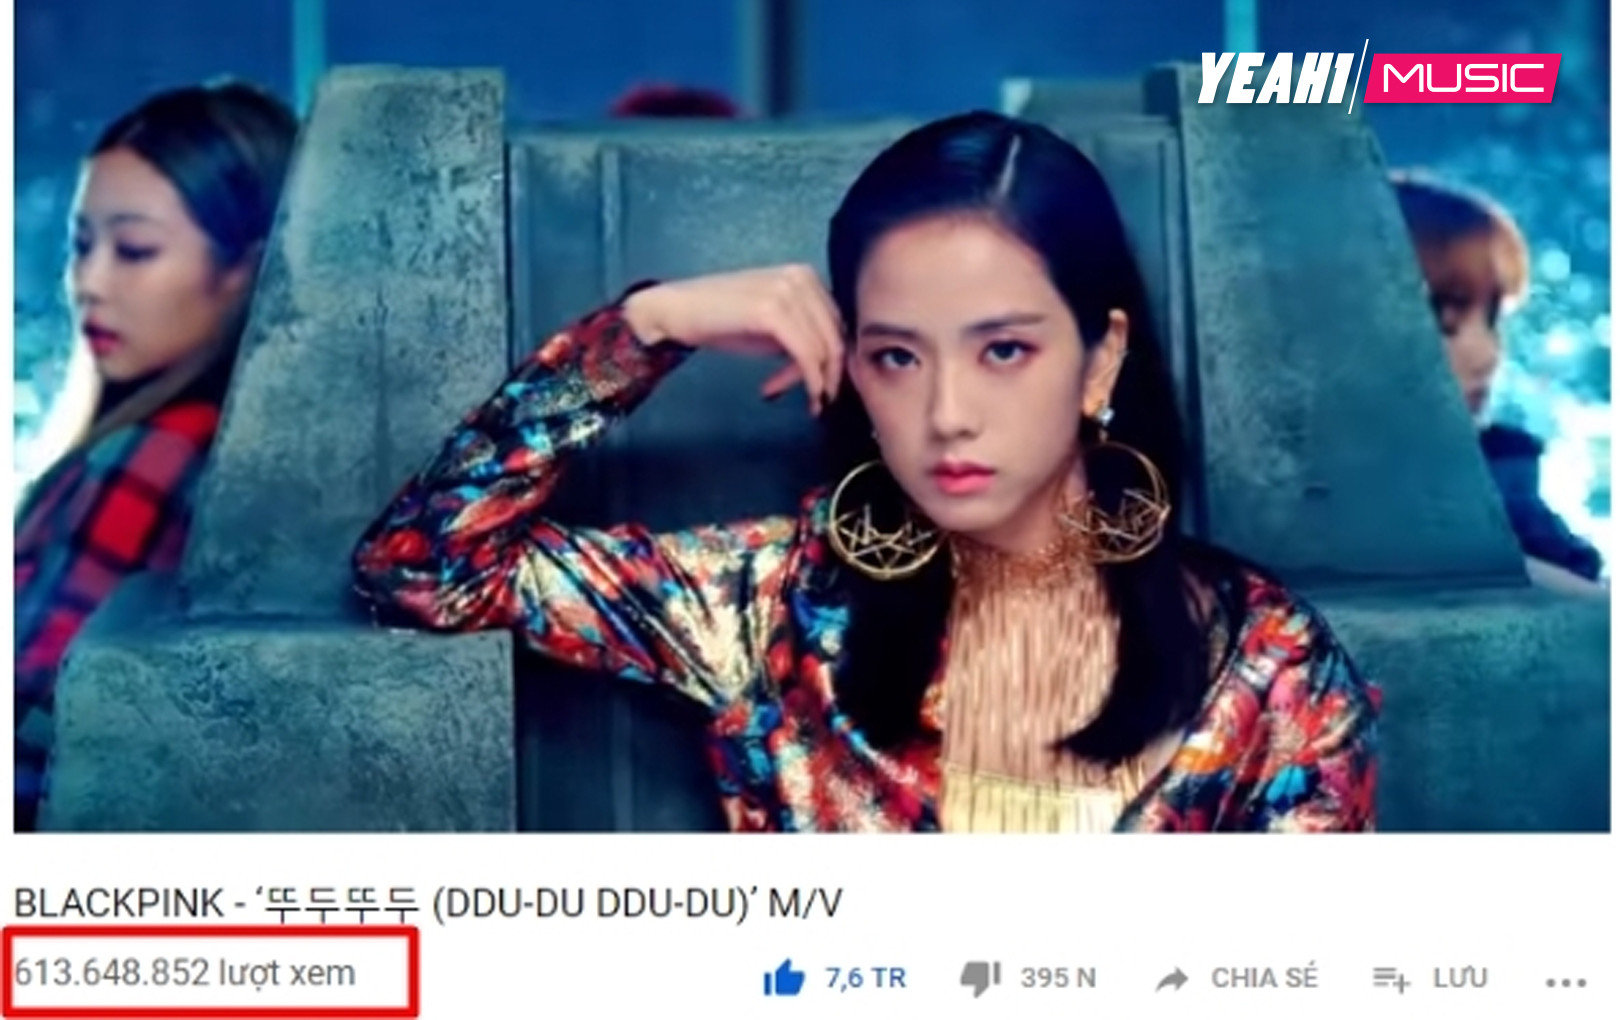 """Lượt view """"Du ddu du ddu"""" vượt mặt """"DNA"""", BTS đánh mất ngôi vương Youtube vào tay Blackpink"""